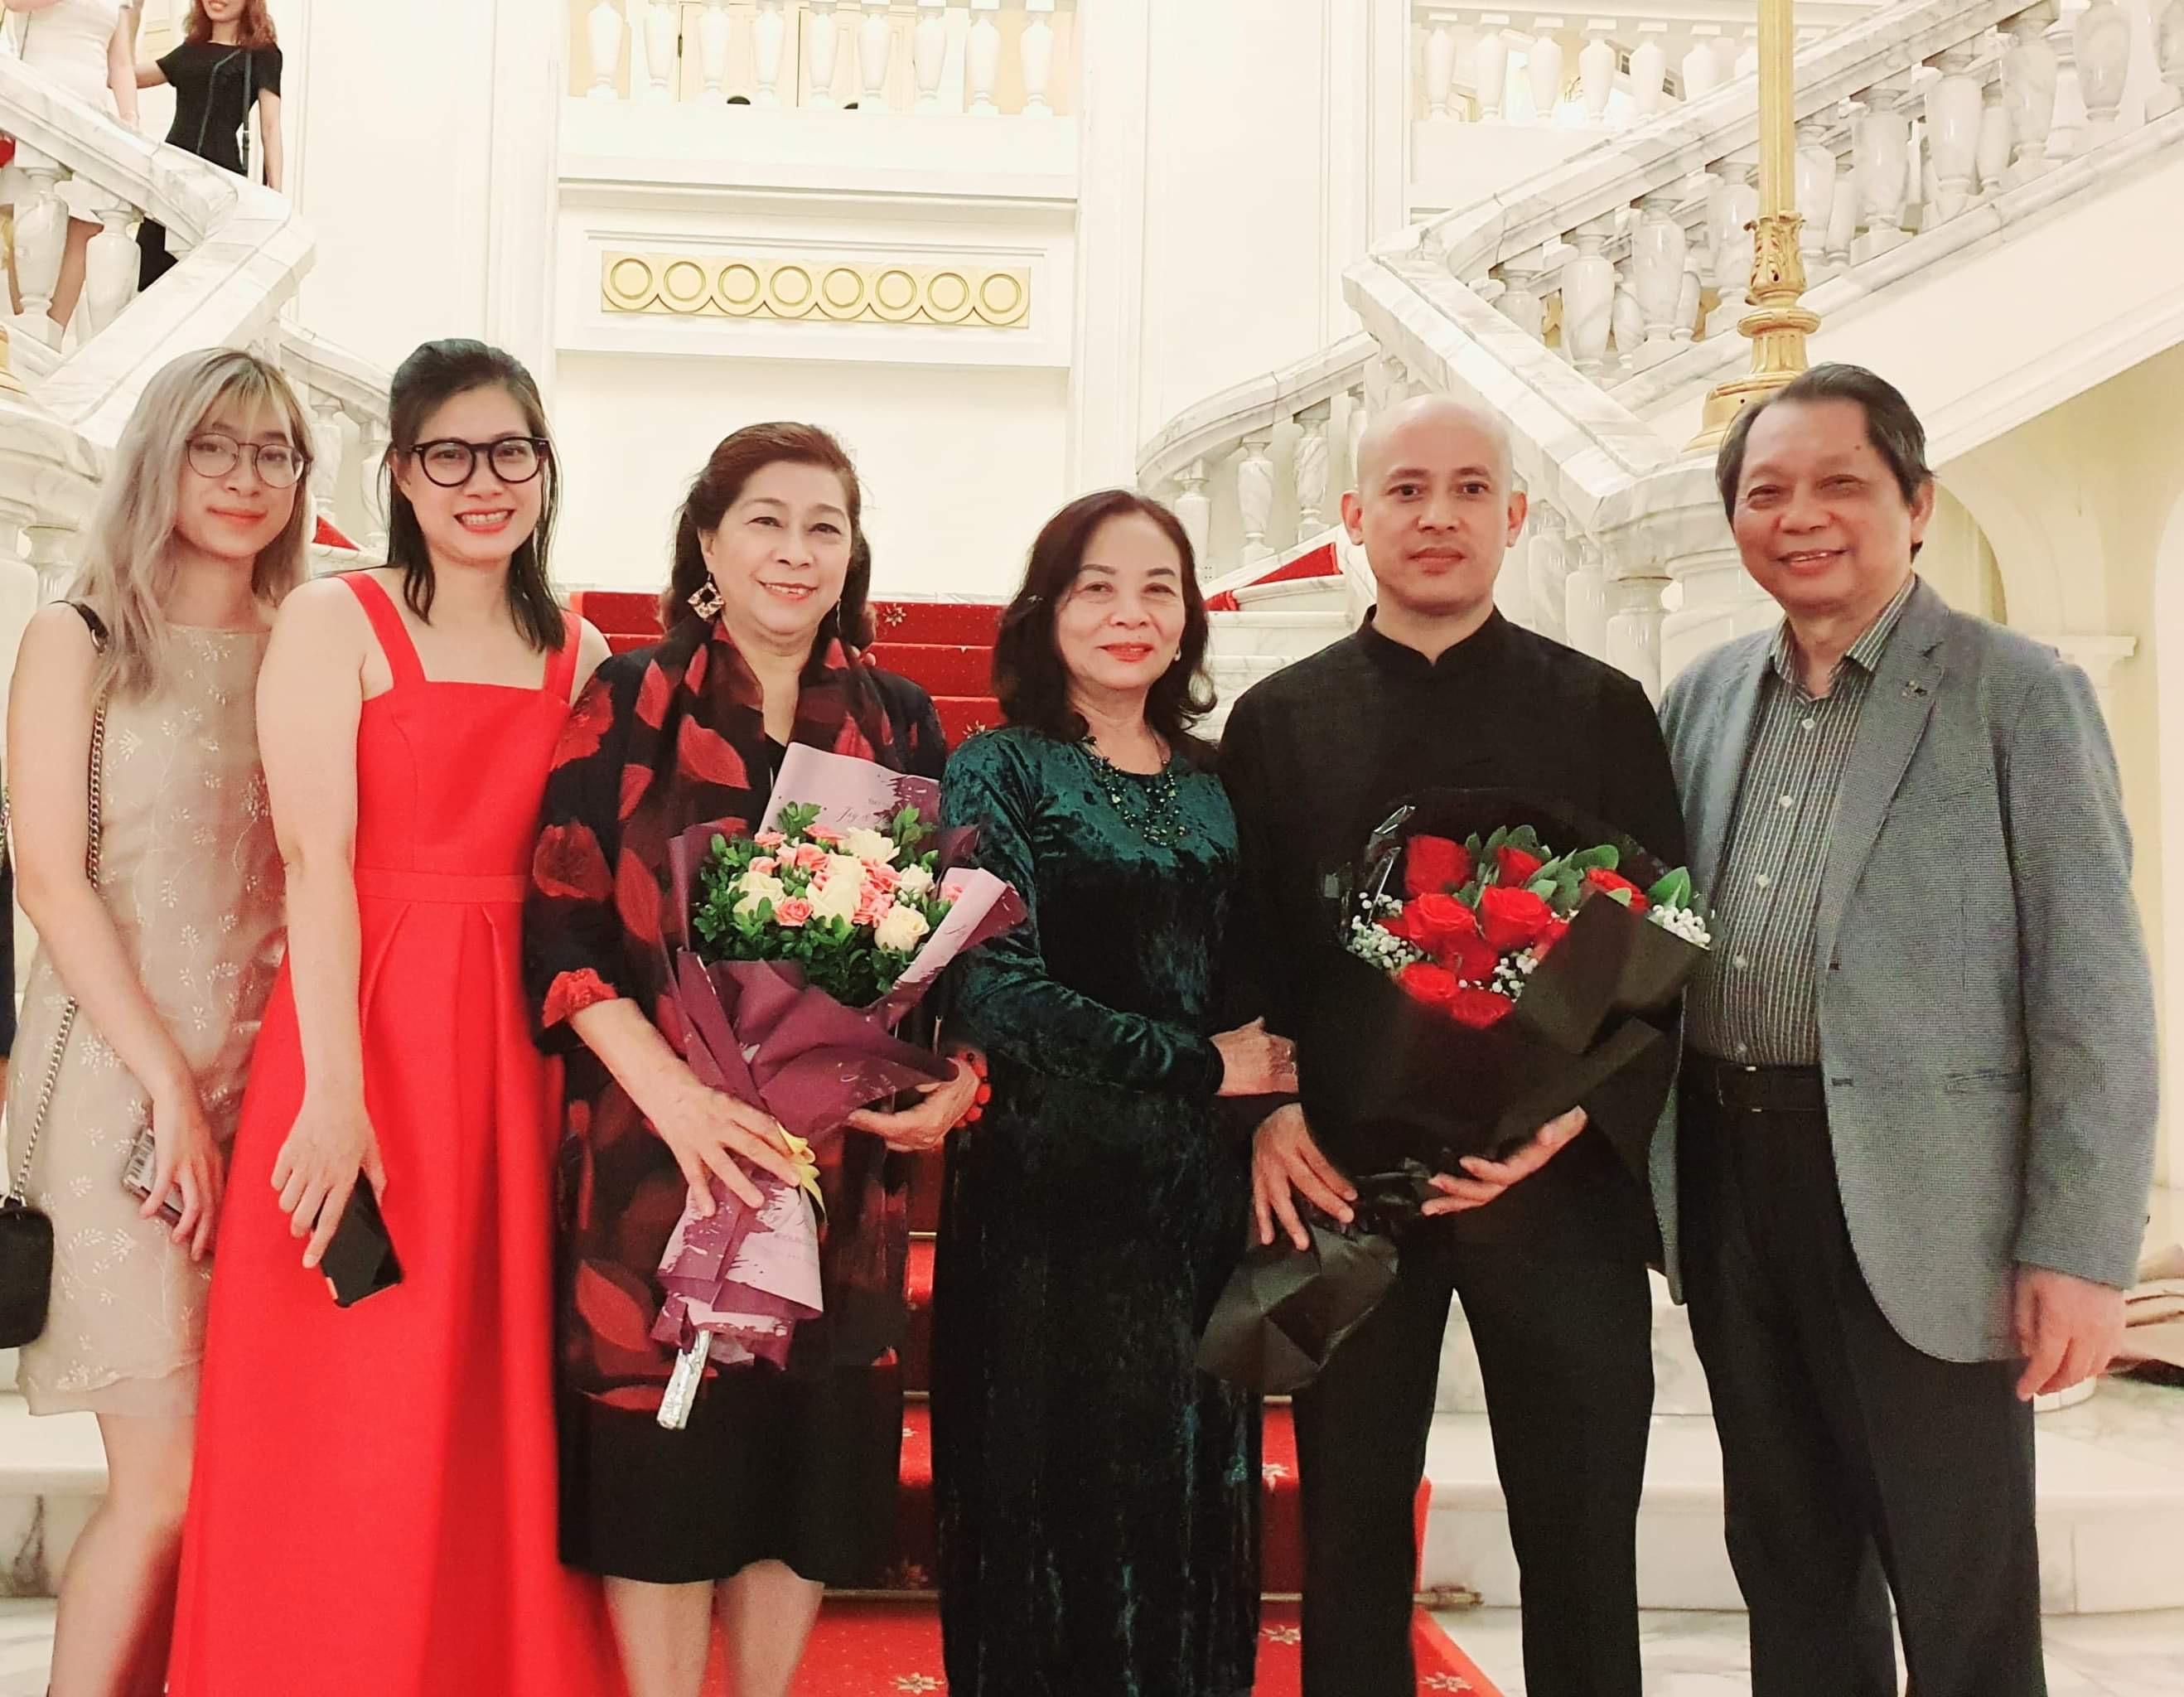 Đêm nhạc hội tụ những nghệ sĩ violin xuất sắc nhiều thế hệ